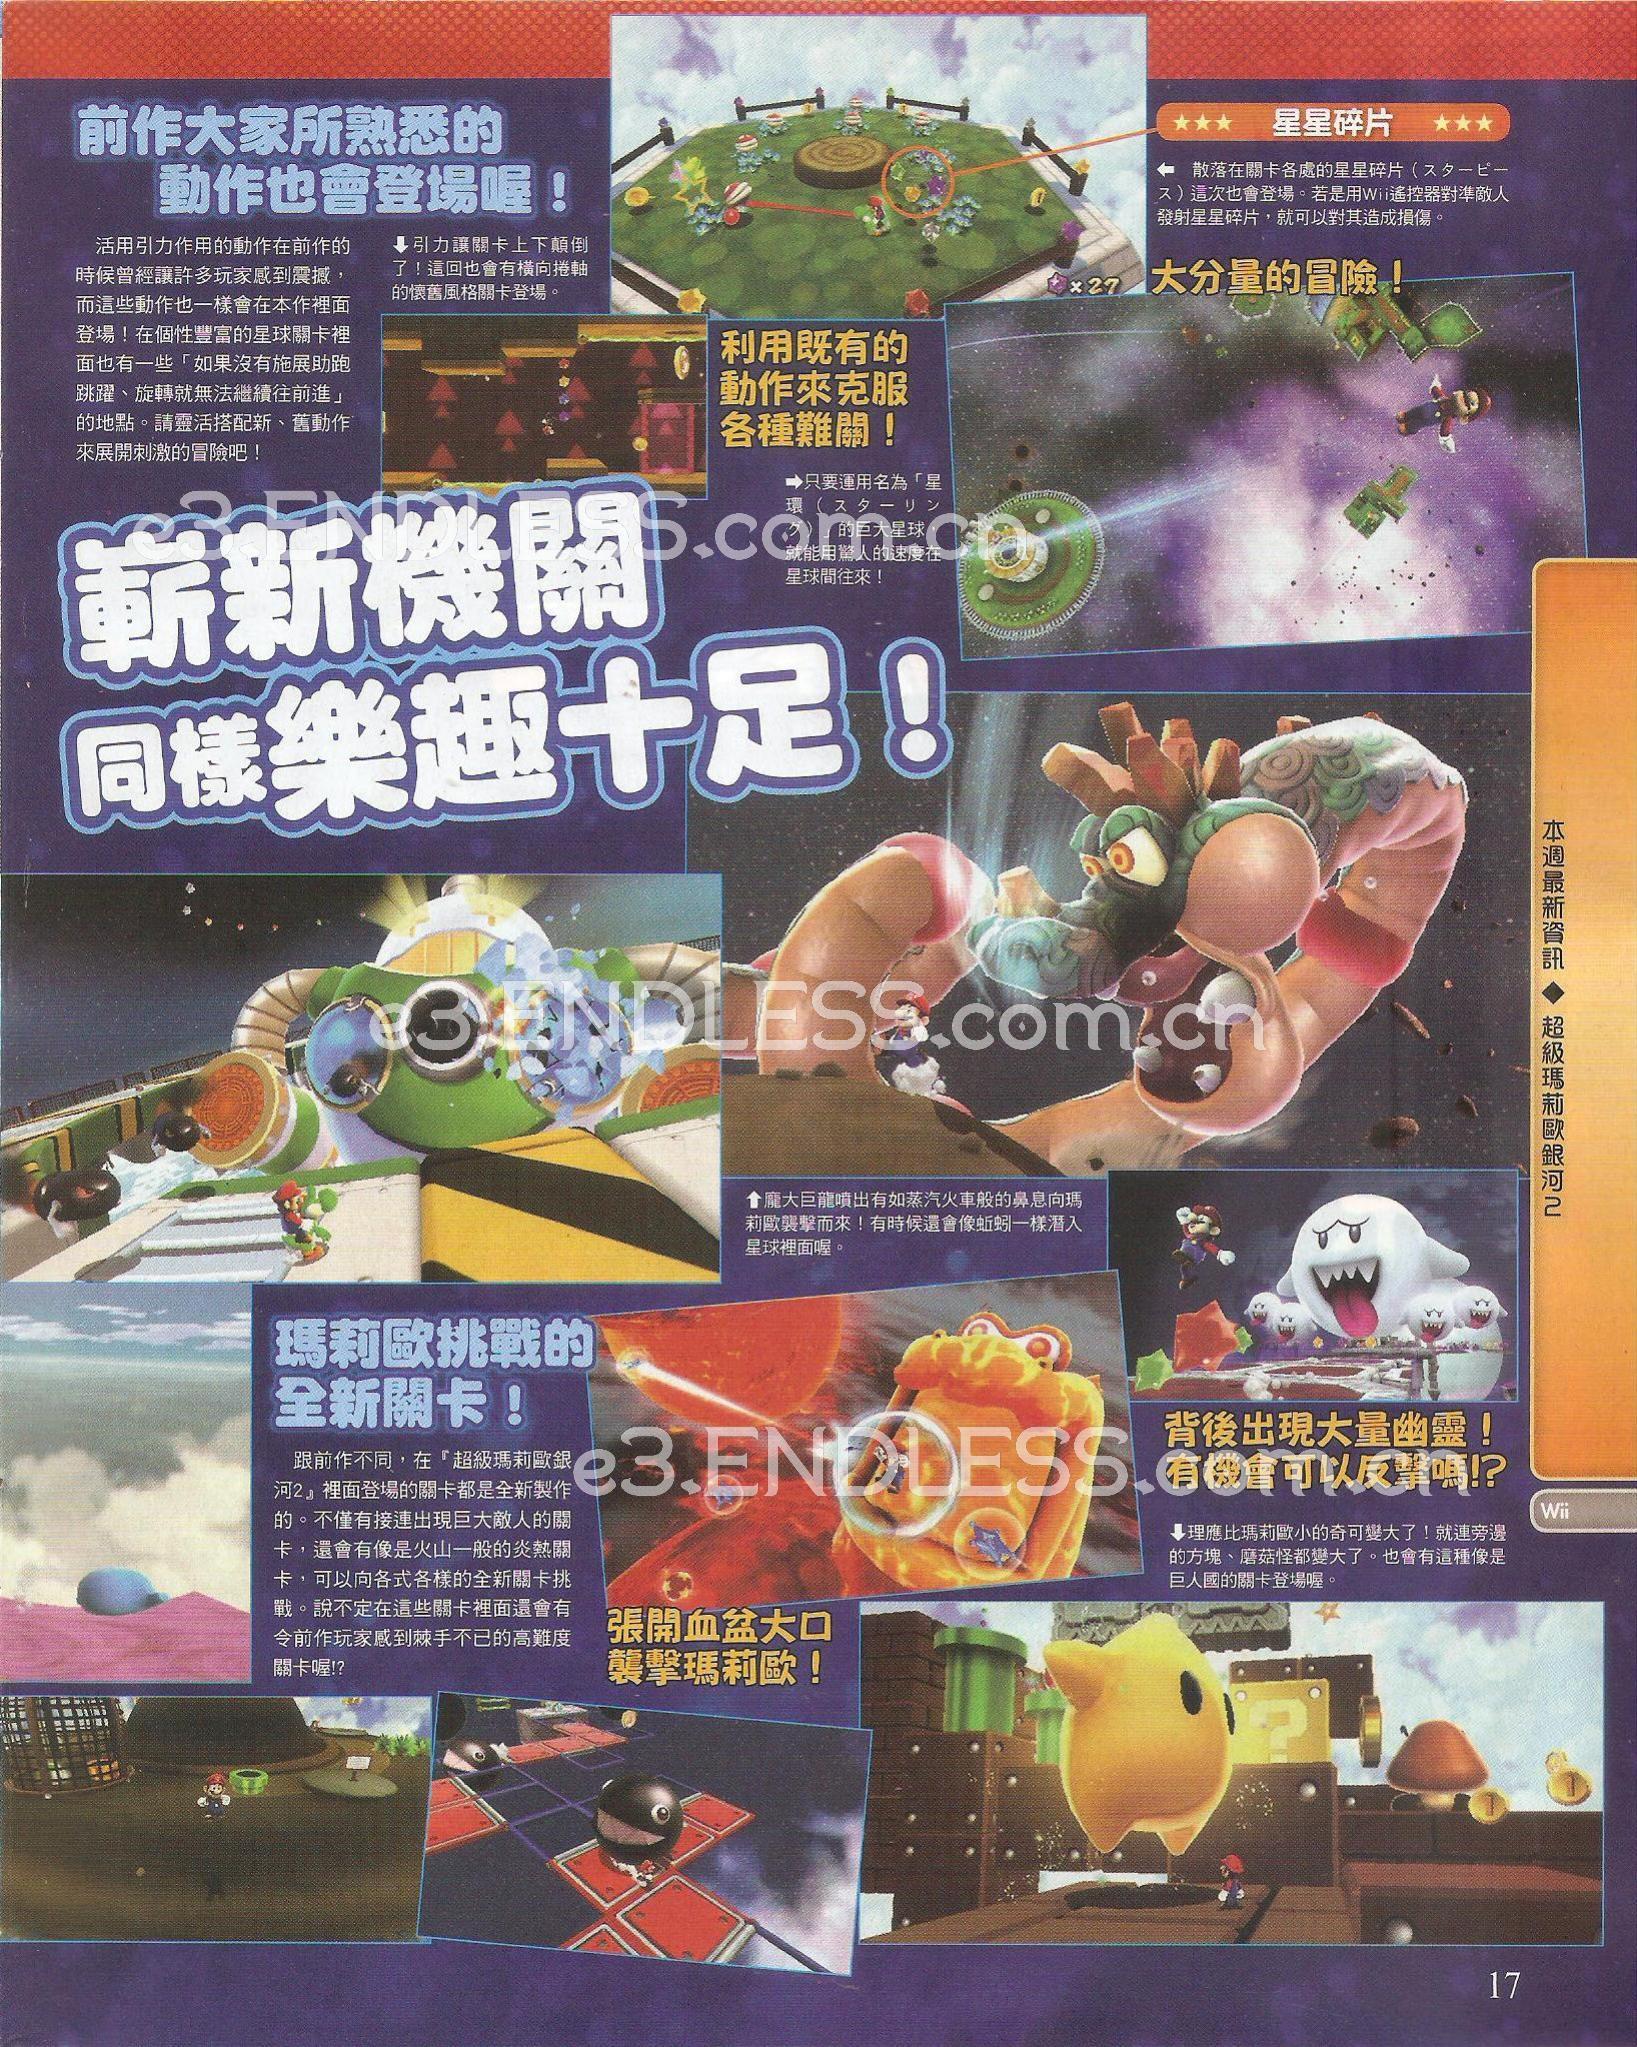 《超级马里奥 银河2》中文FAMI通杂志豪华攻略